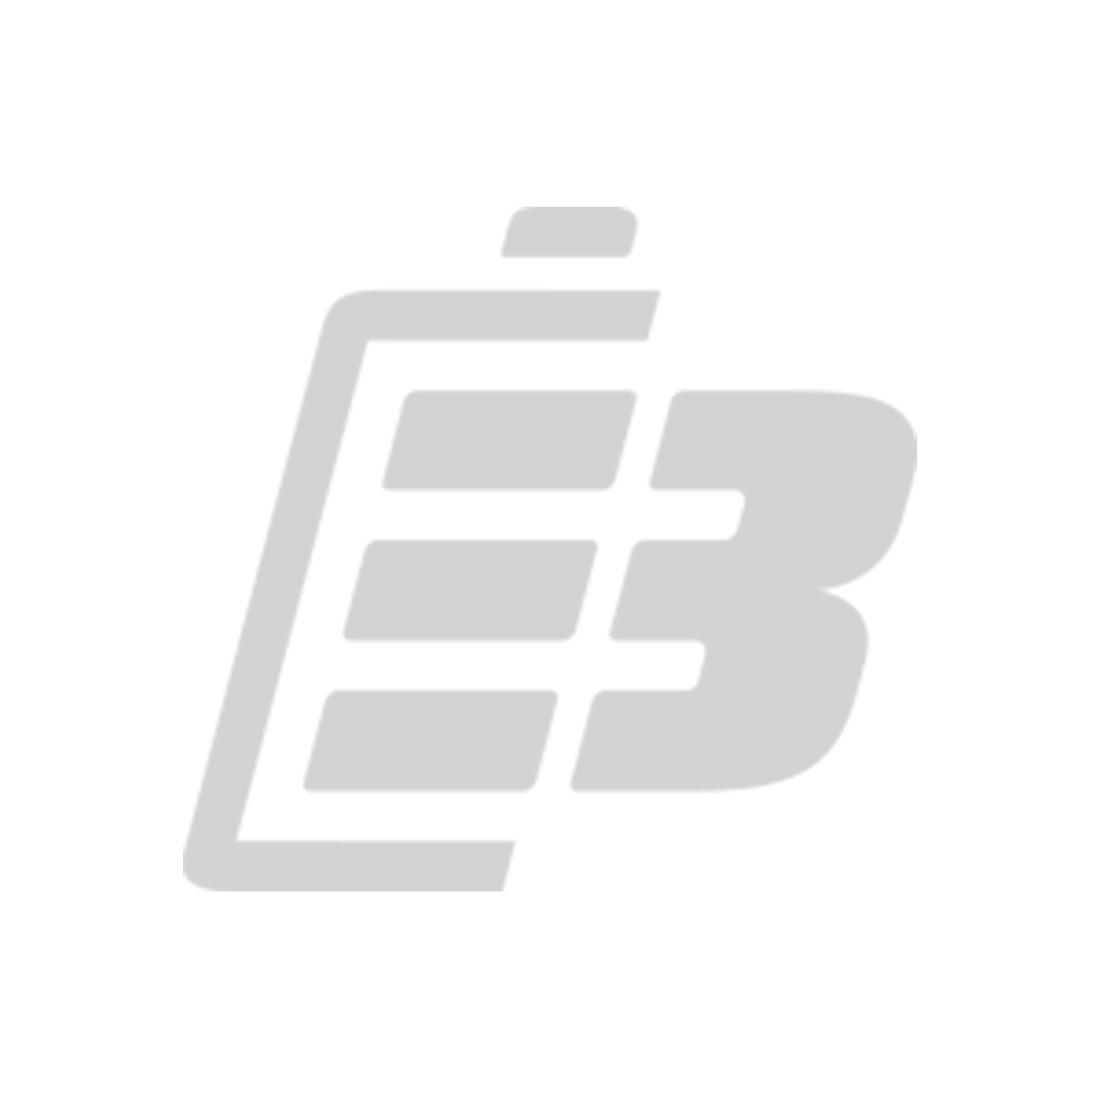 Varta Recharge Accu Power AA 2100mah